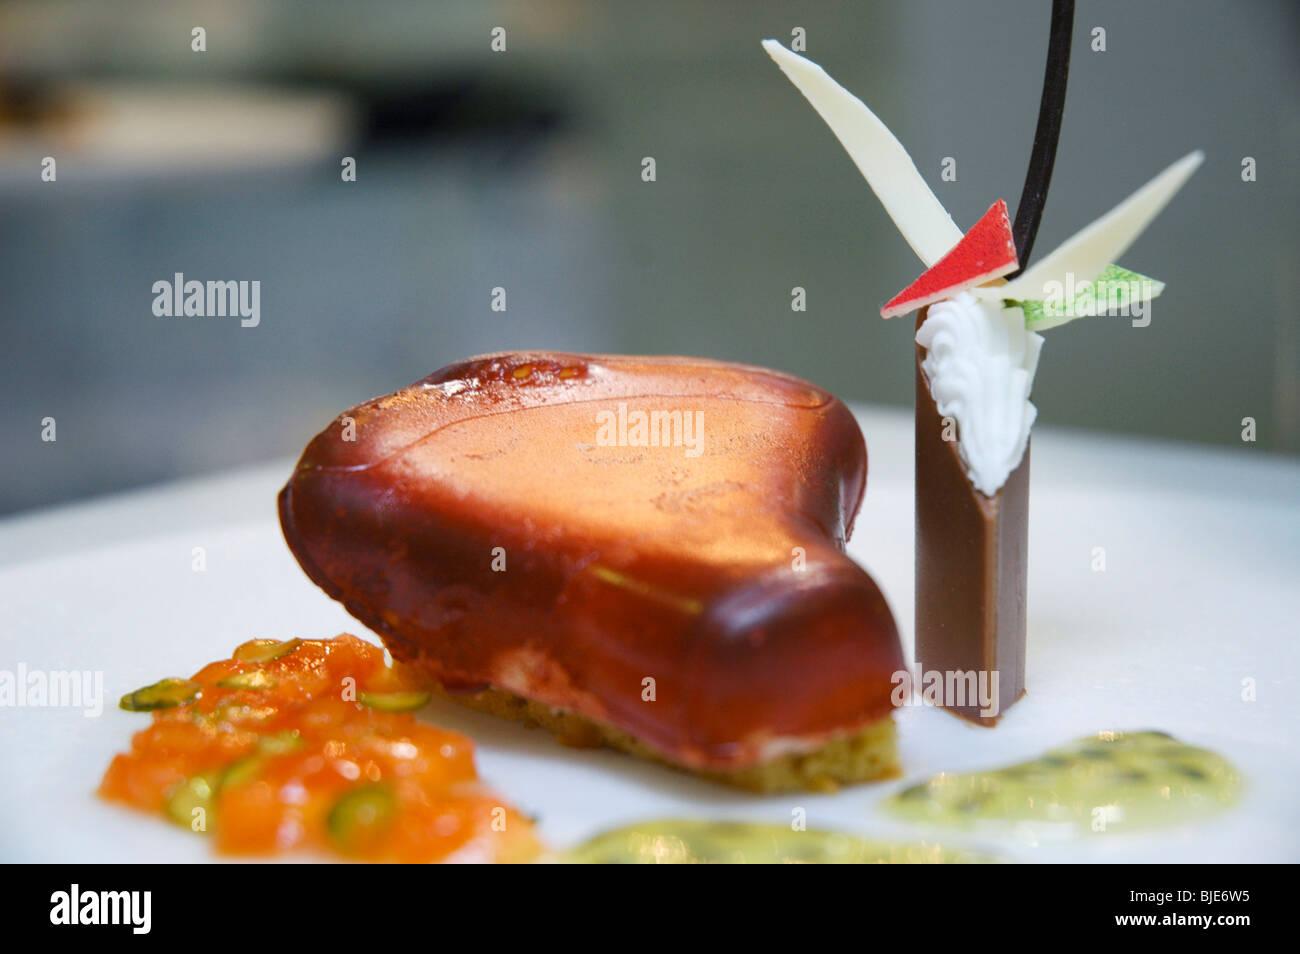 La cuisine italienne dans un plat décoré Photo Stock